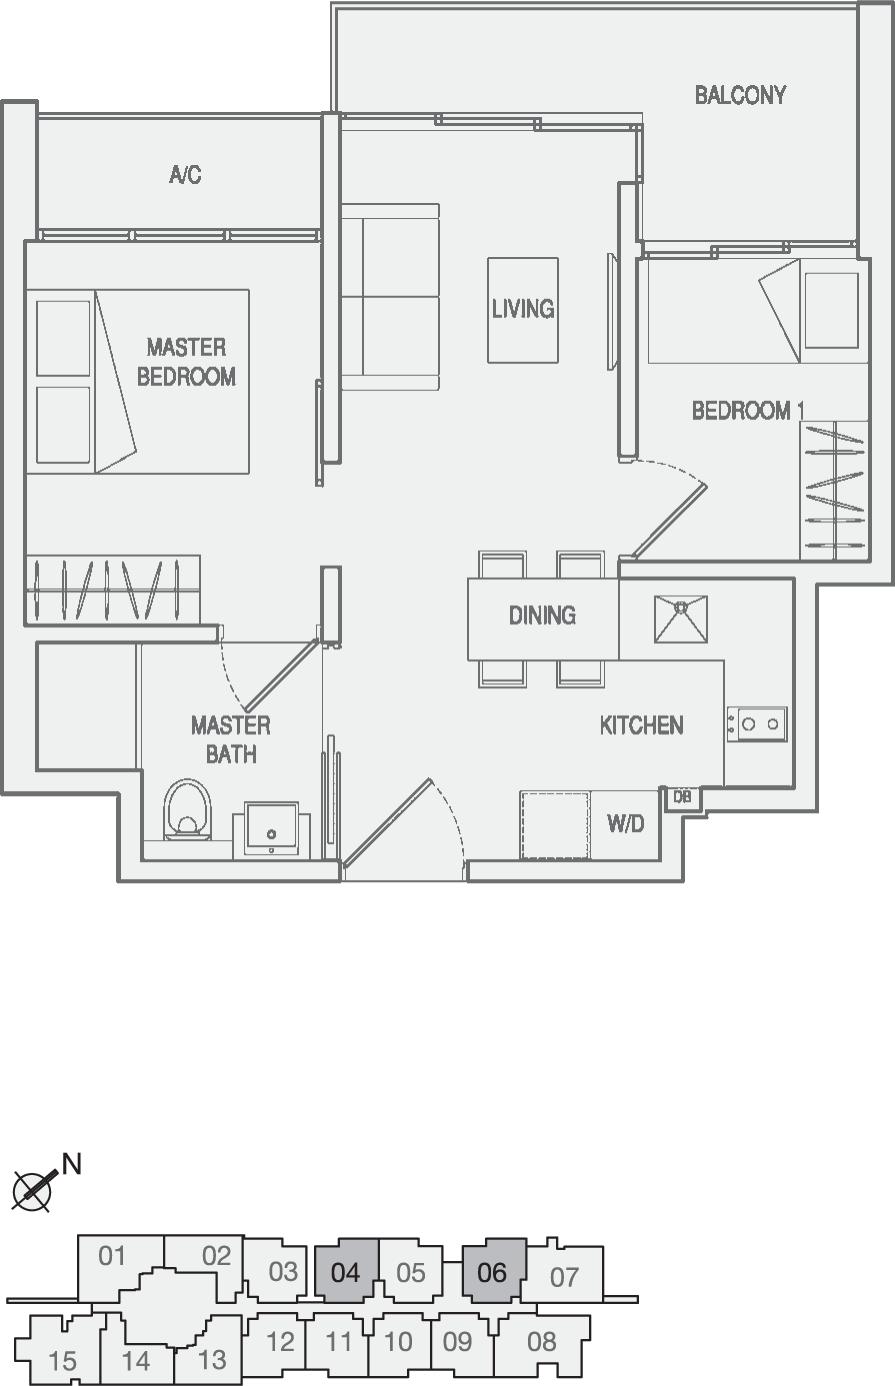 Type Type-A2(m) 2 Bedroom Floor Plan